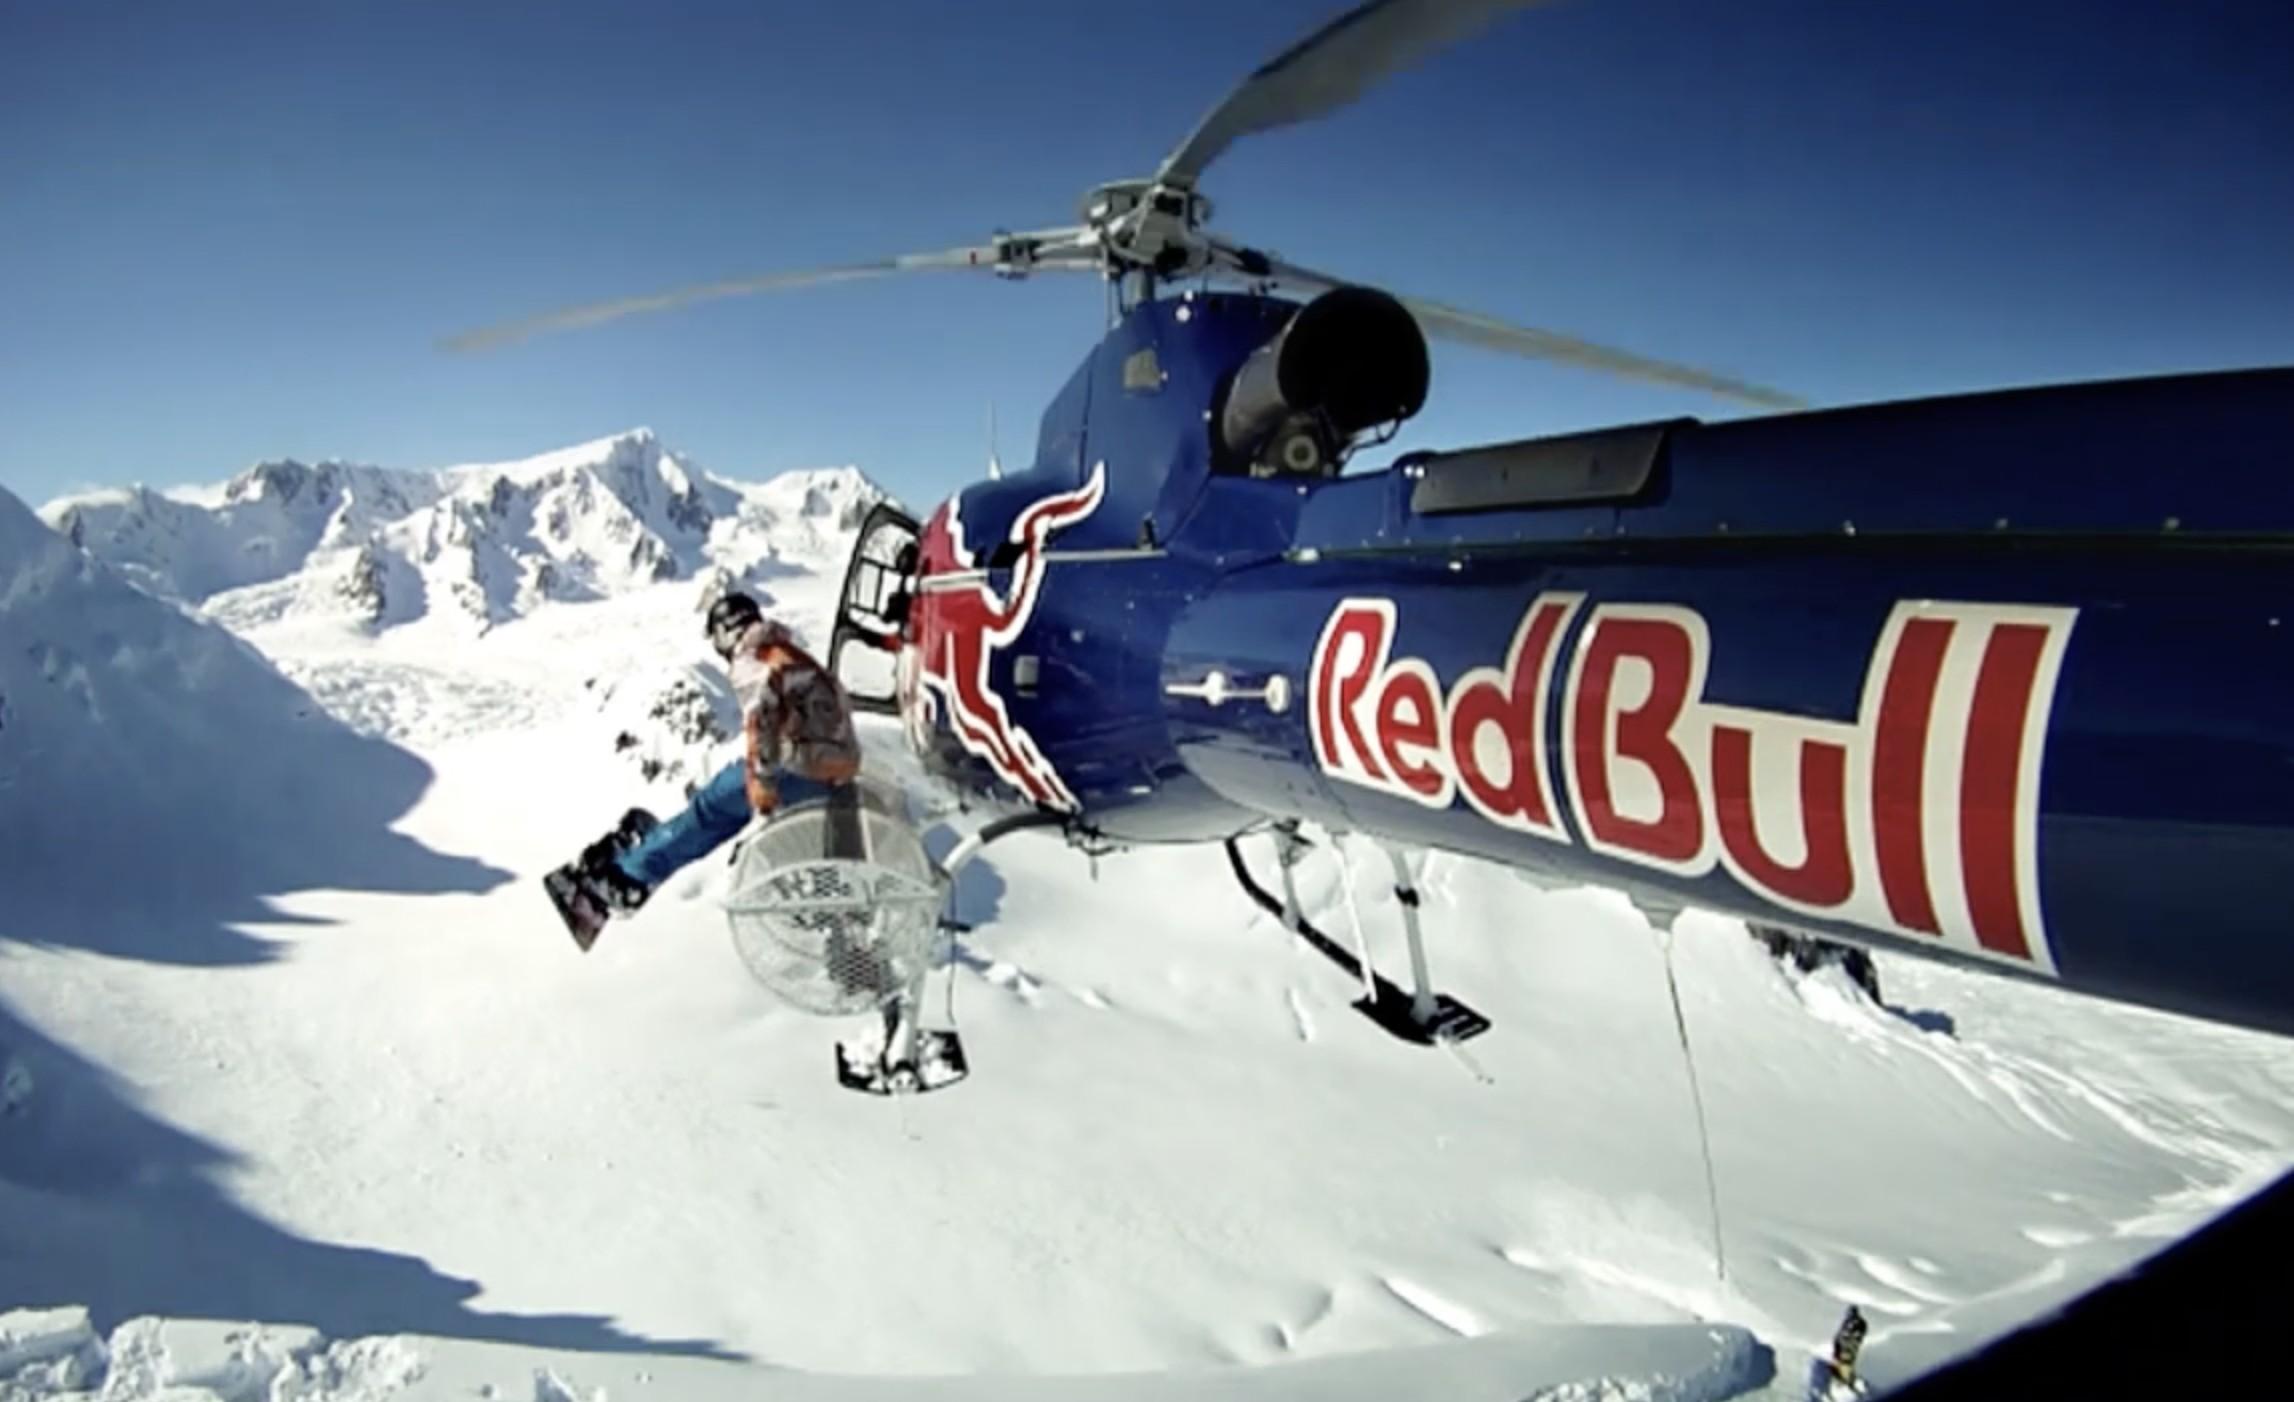 World of Red Bull